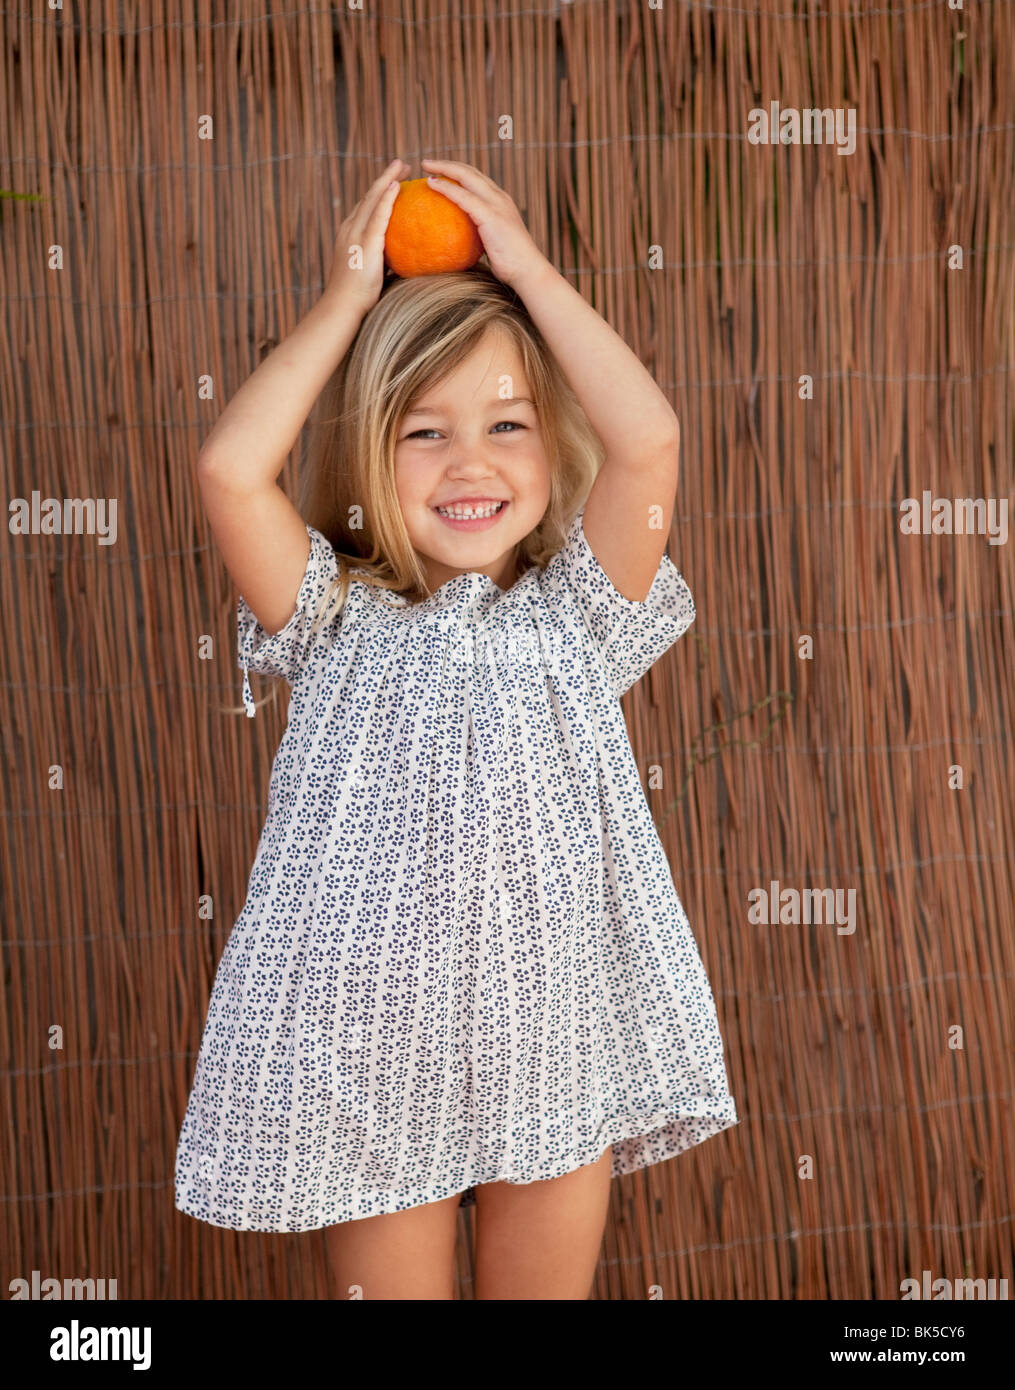 Giovane ragazza in abito di Sun in possesso di un arancione sul suo capo Immagini Stock